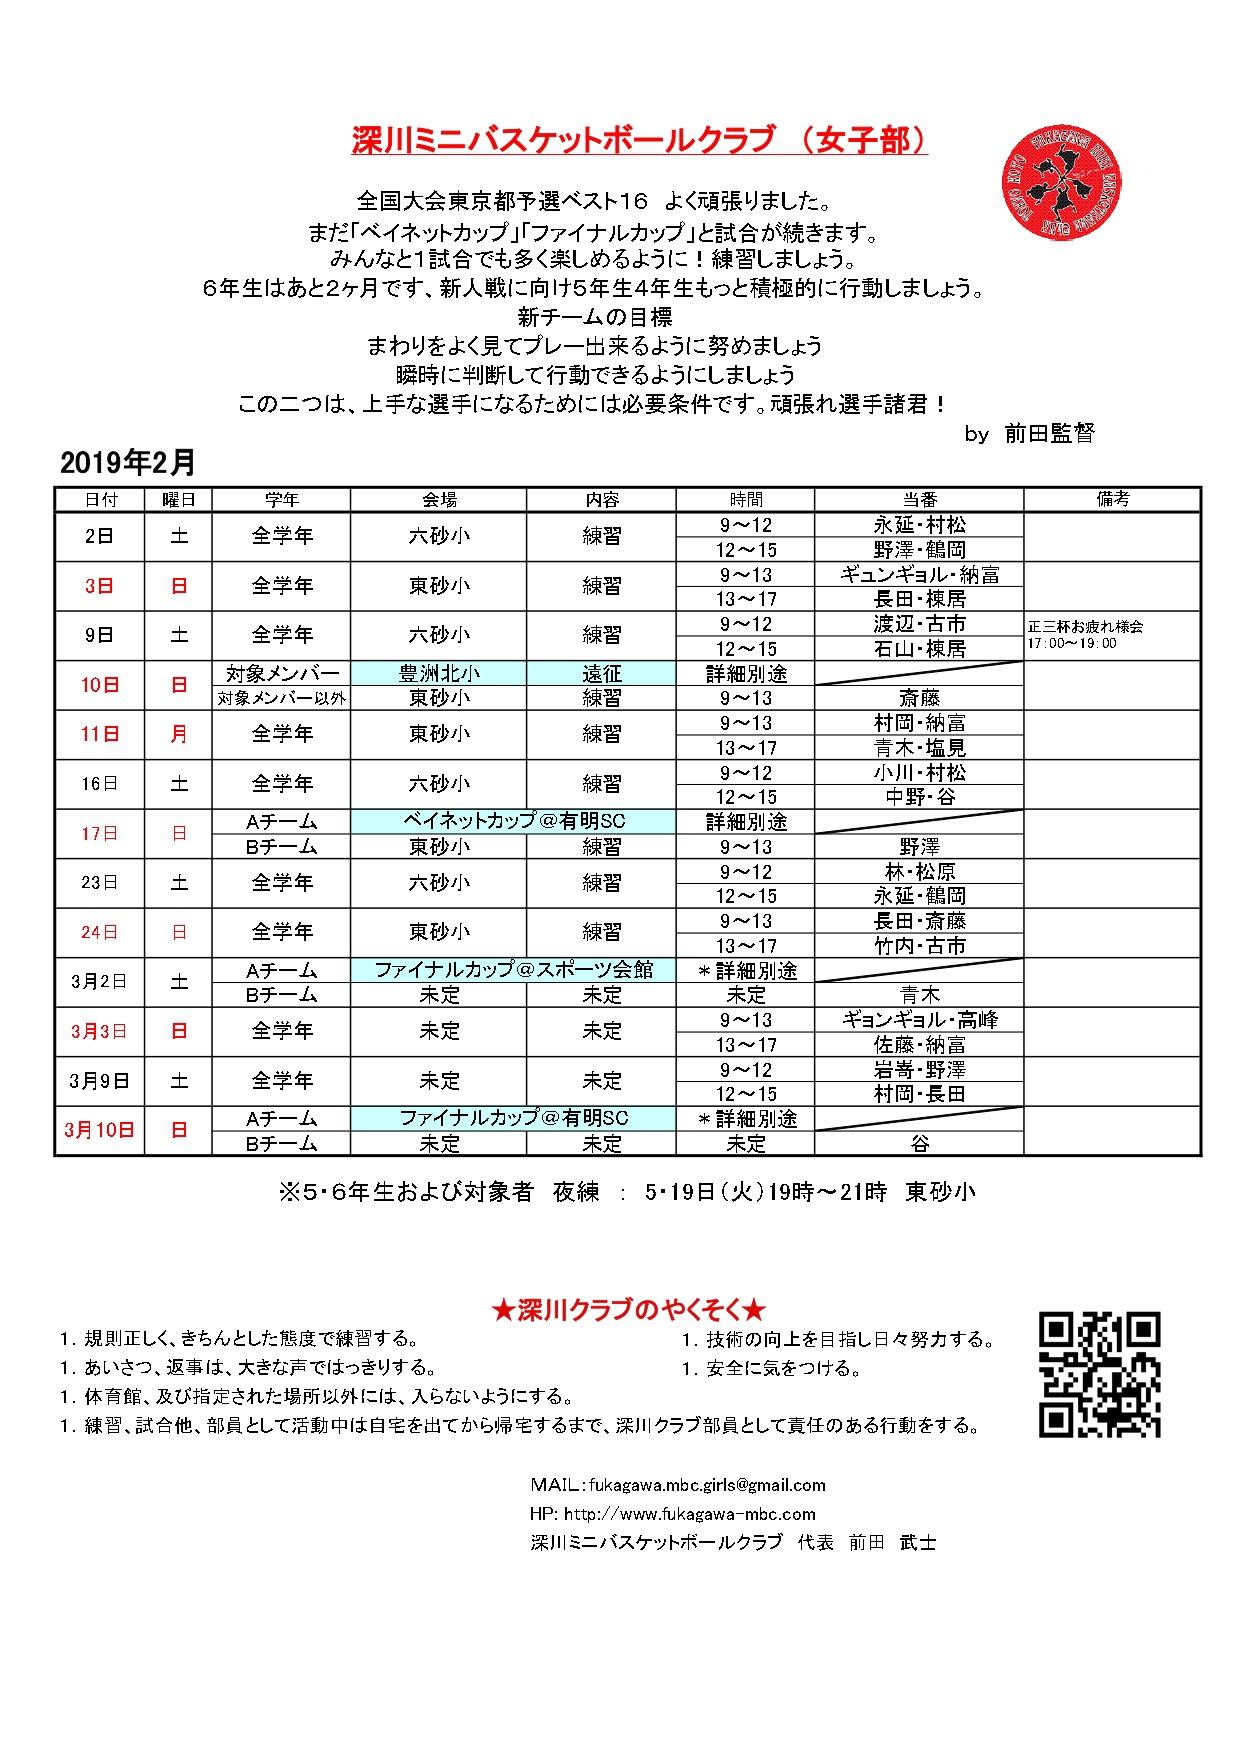 73D14EC7-CE16-4E1E-8026-232CED80FA12